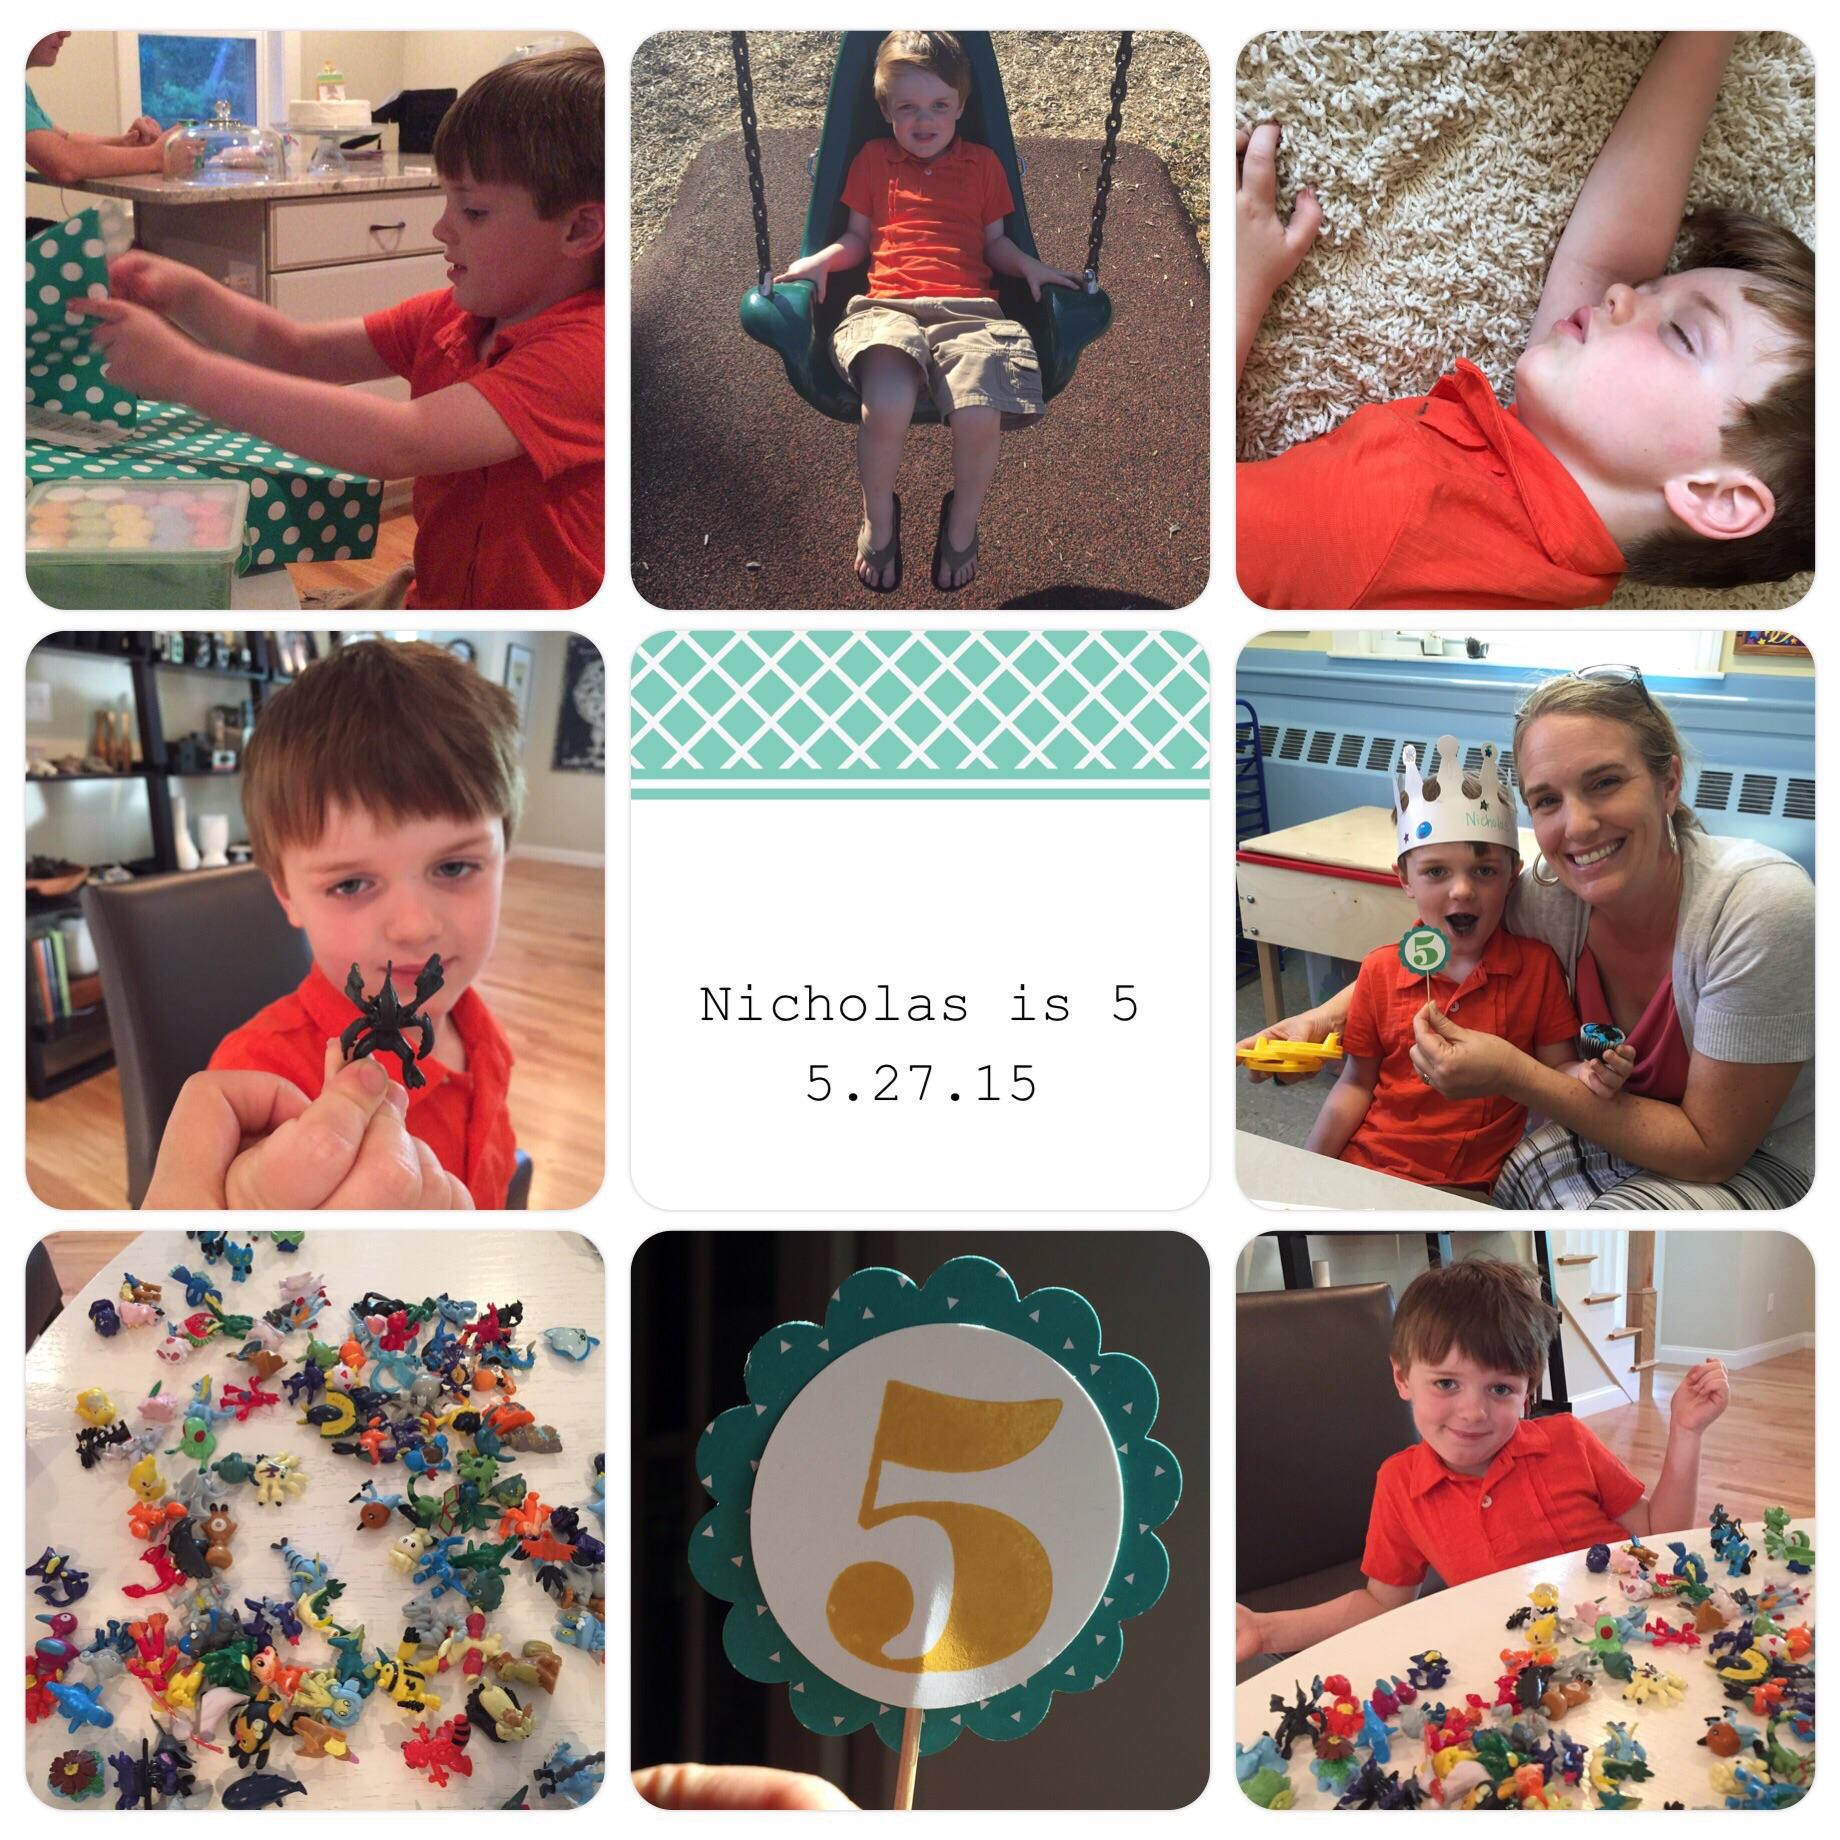 Nicholas 5th birthday